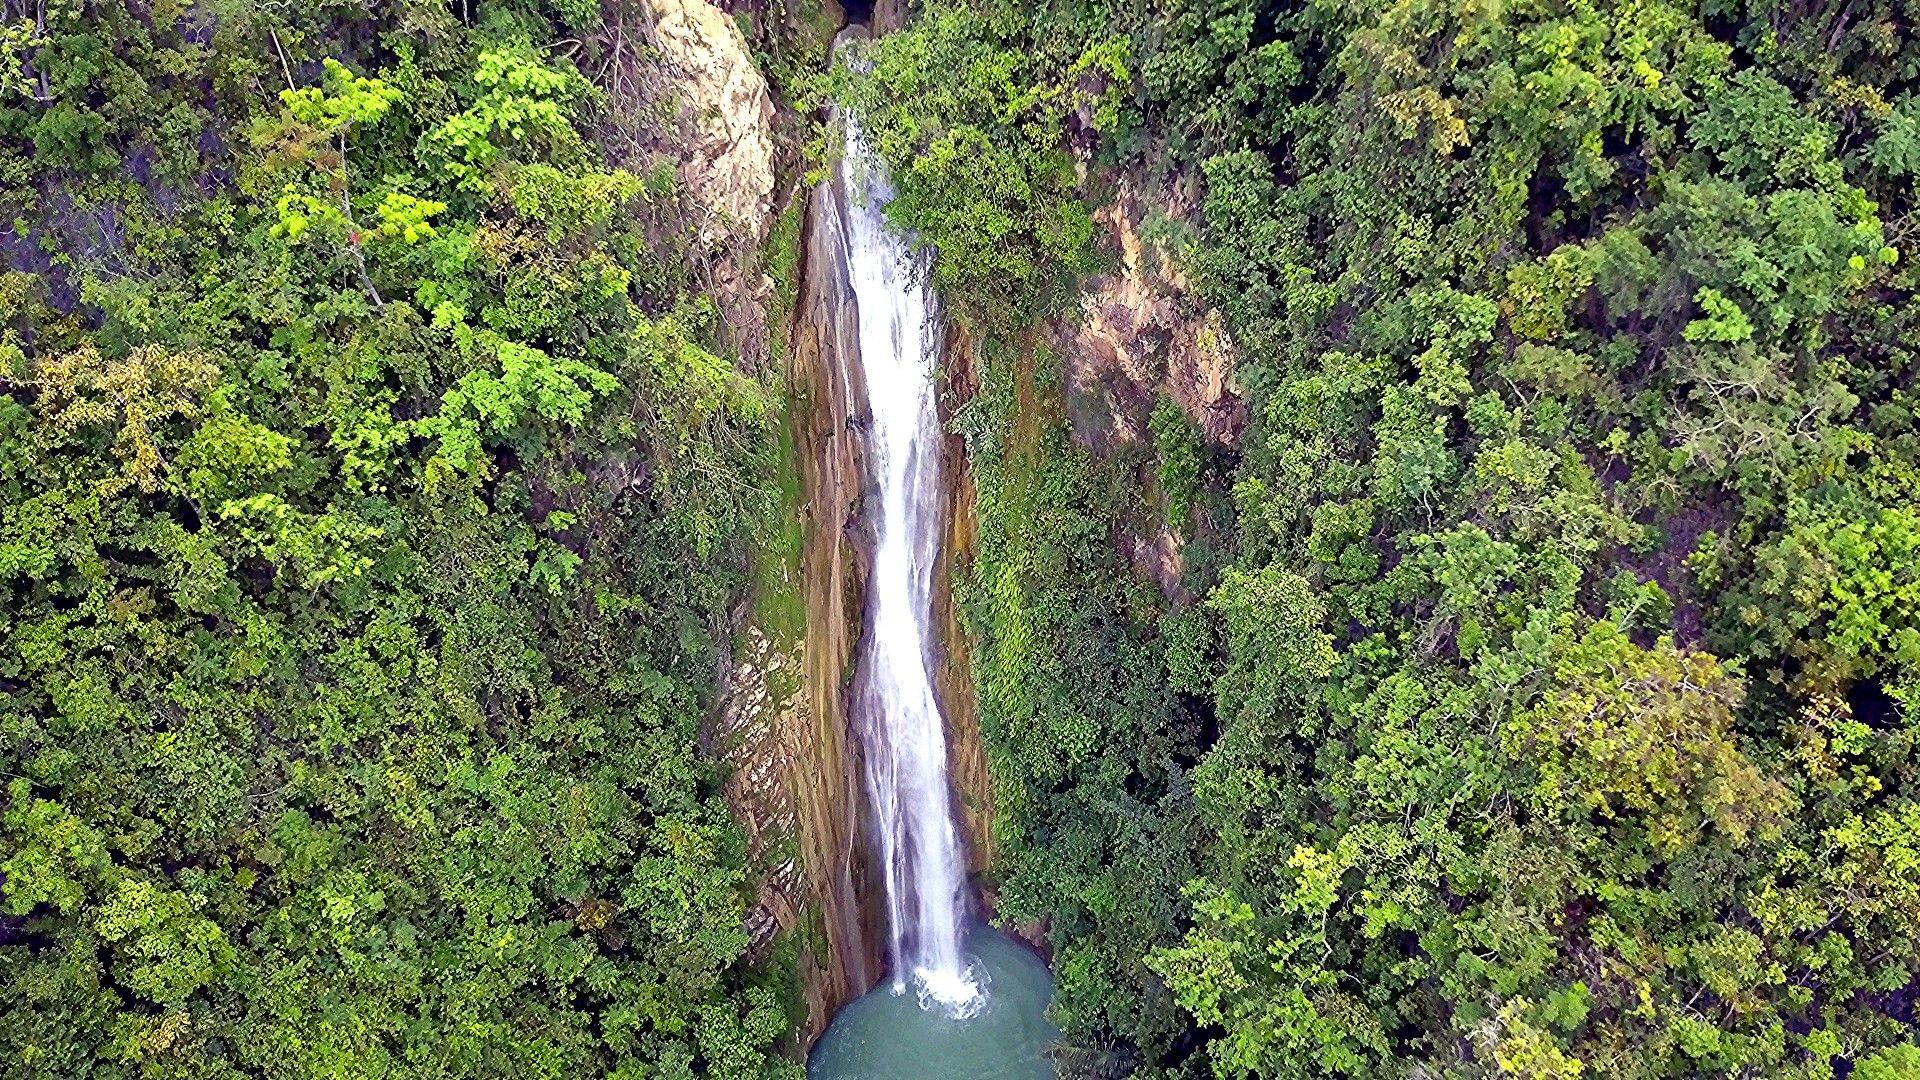 Mantayupan Falls, Barili, Cebu, Philippines #Cebu #Philippines #Waterfalls - Philippines